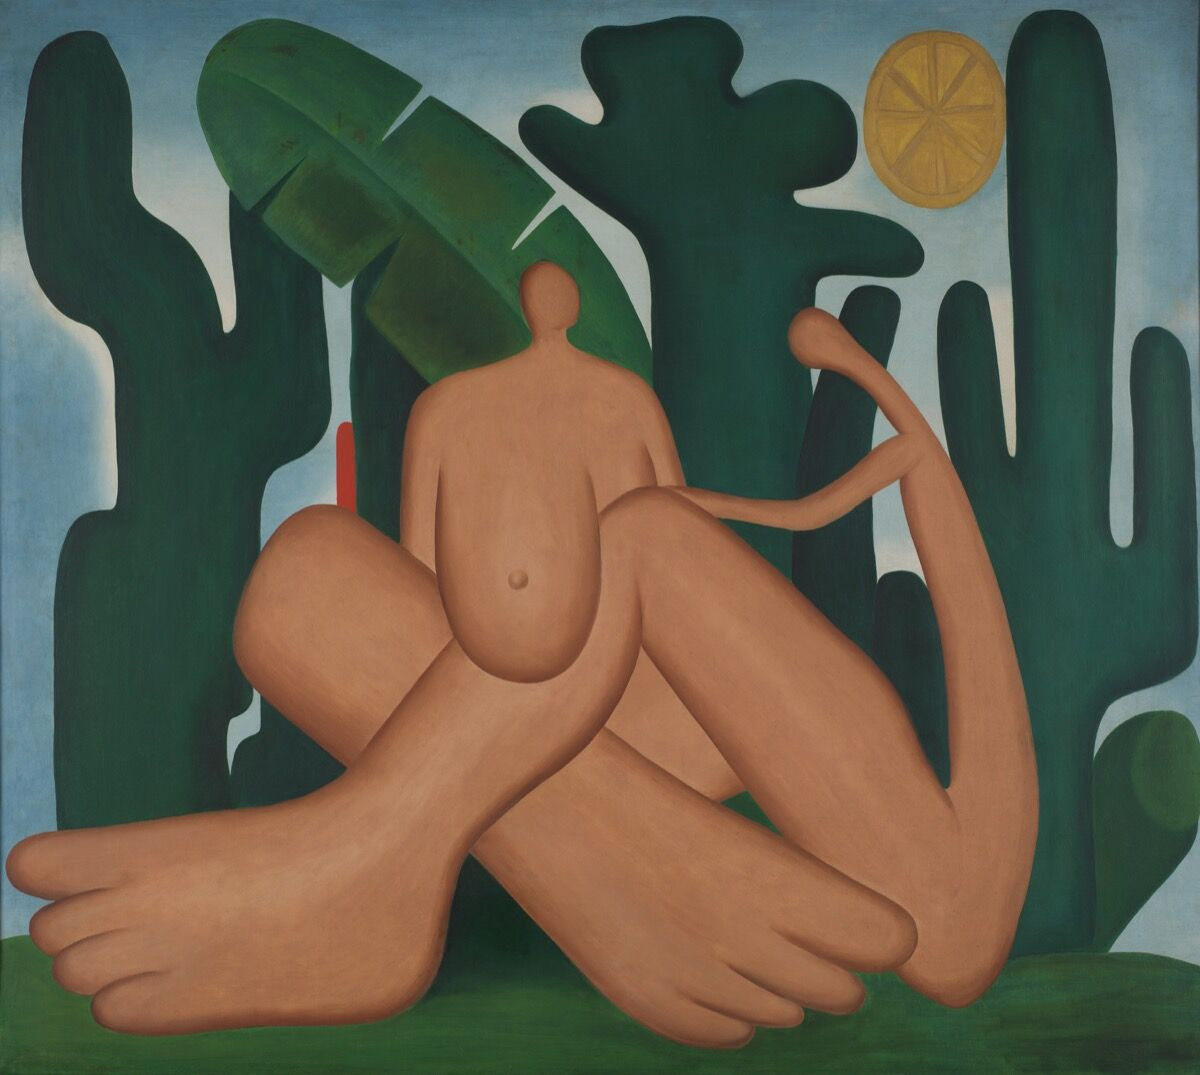 Tarsila do Amaral, Anthropophagy (Antropofagia), 1929. Acervo da Fundação Jose e Paulina Nemirovsky, em comodato com a Pinacoteca do Estado de São Paulo. © Tarsila do Amaral Licensing.